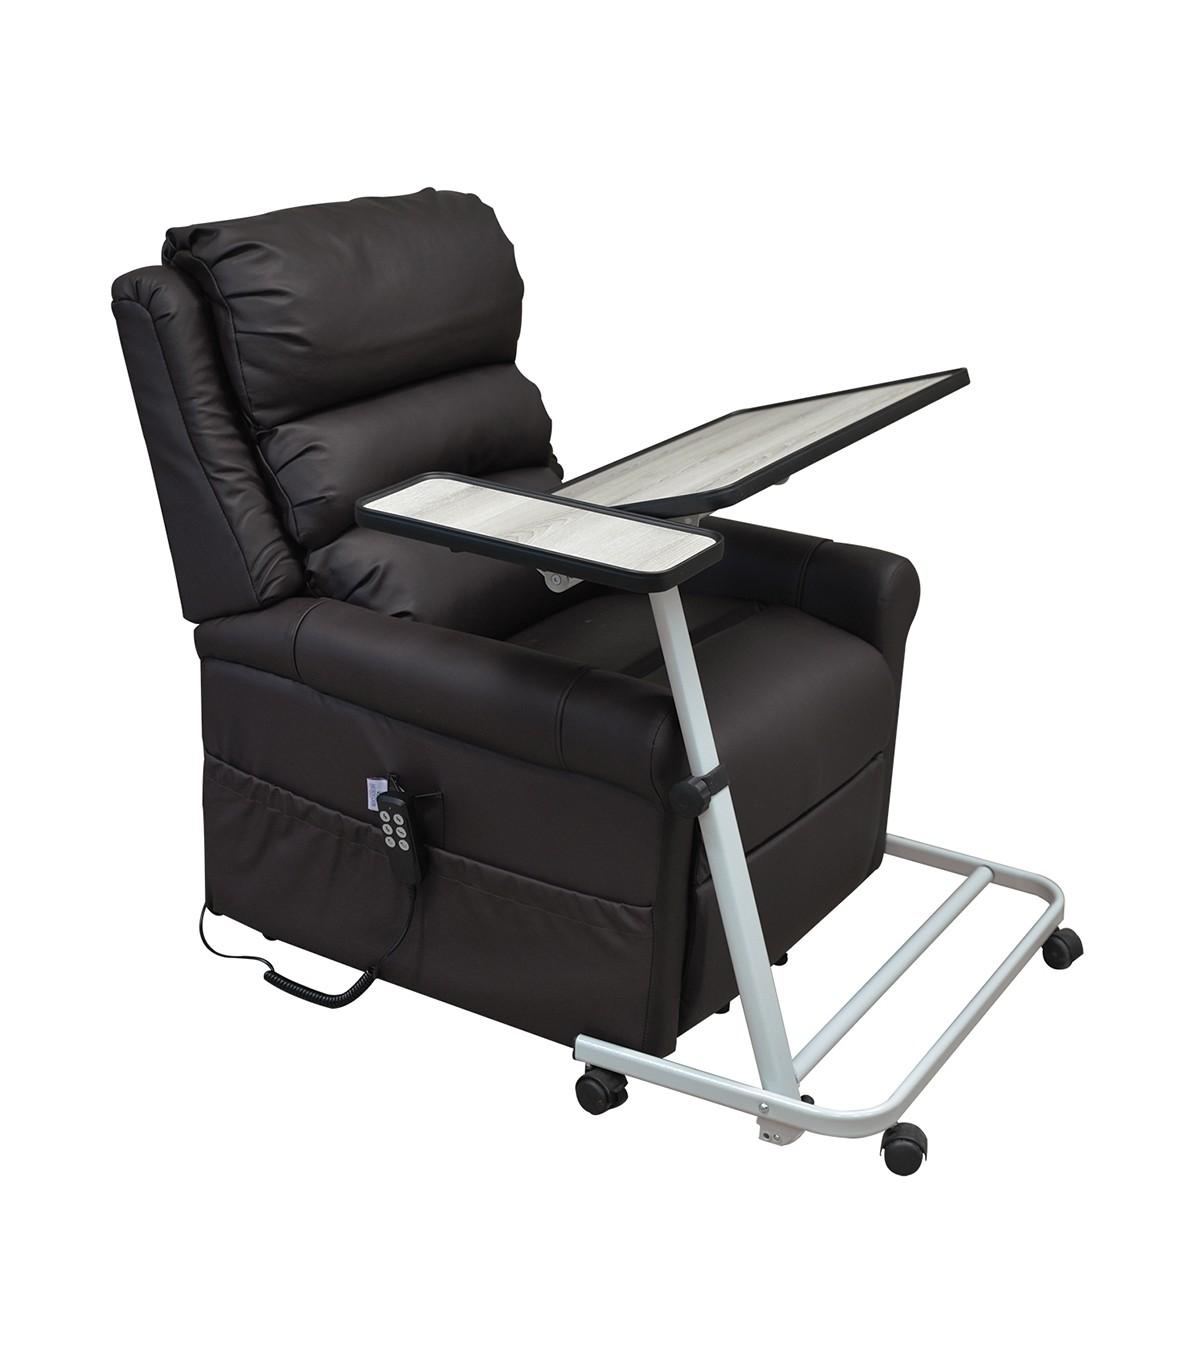 table diffusion pour fauteuil releveur